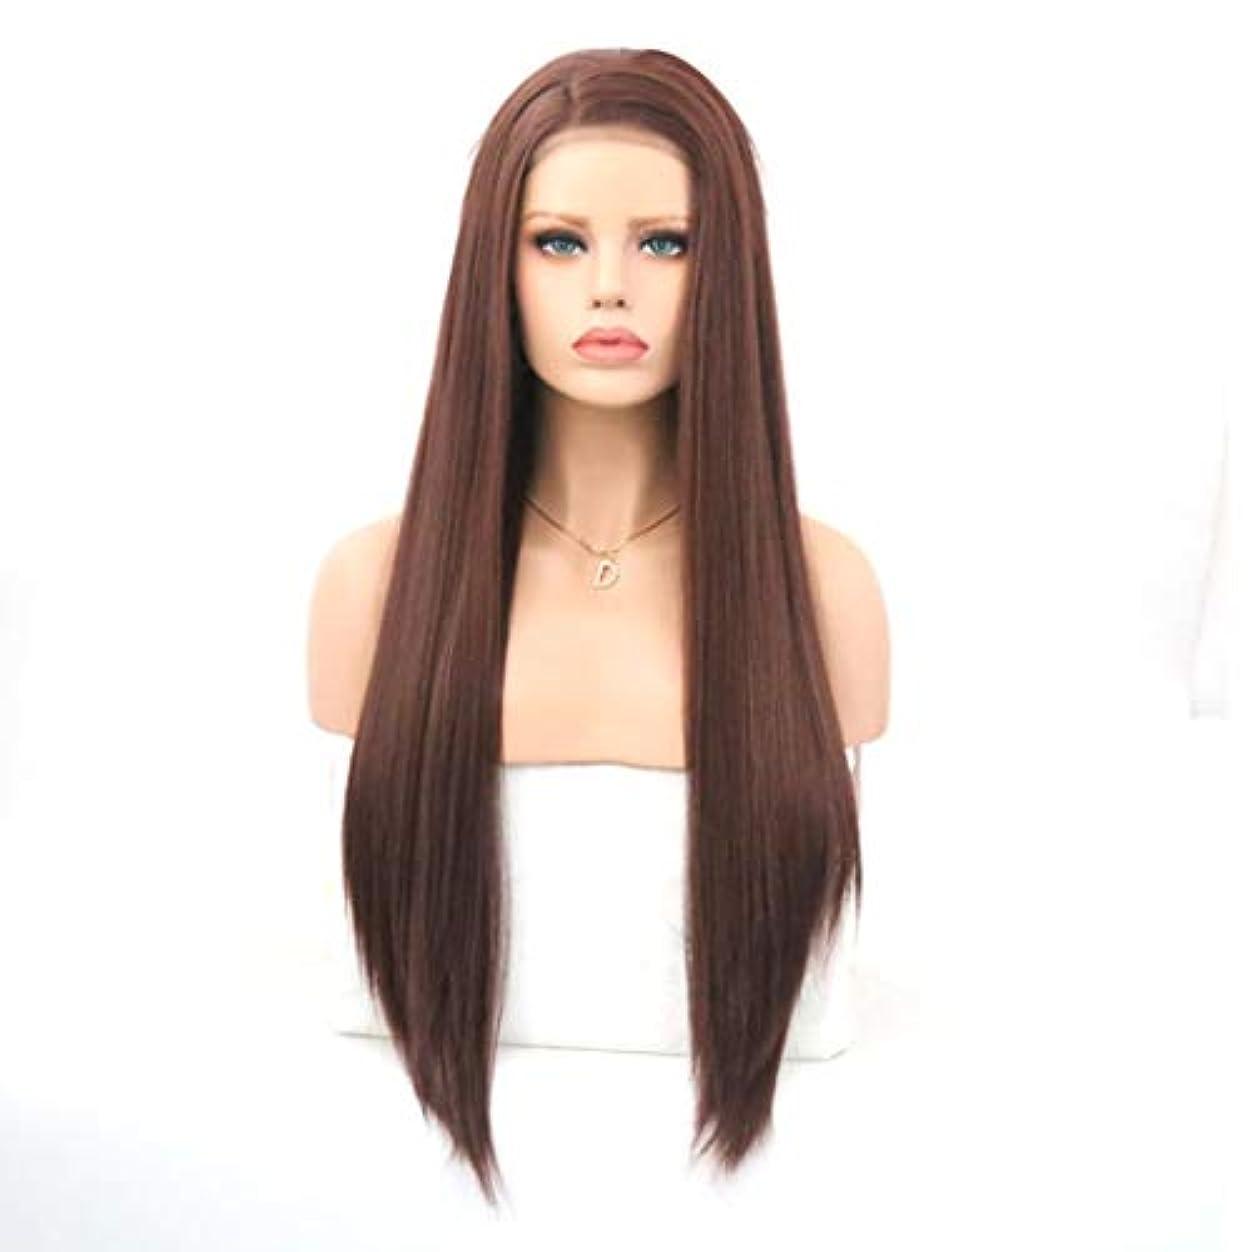 浮浪者物語グラマーSummerys 茶色のフロントレース化学繊維かつらヘッドギア高温シルクロングストレートウィッグ女性用 (Size : 20 inches)